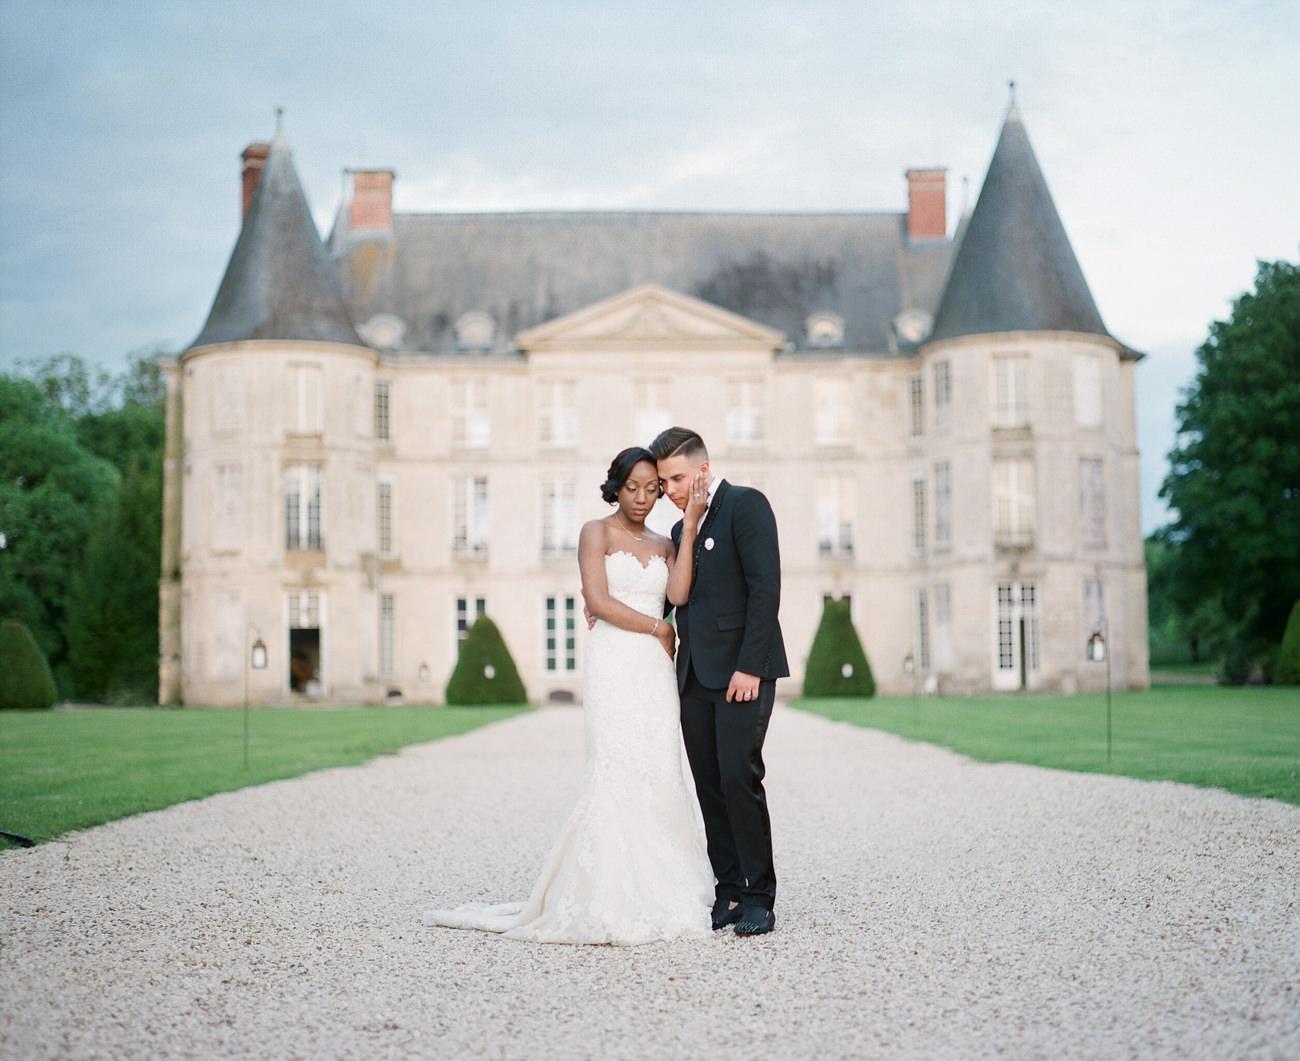 chateau-enonville-mariage-photographe-11.jpg